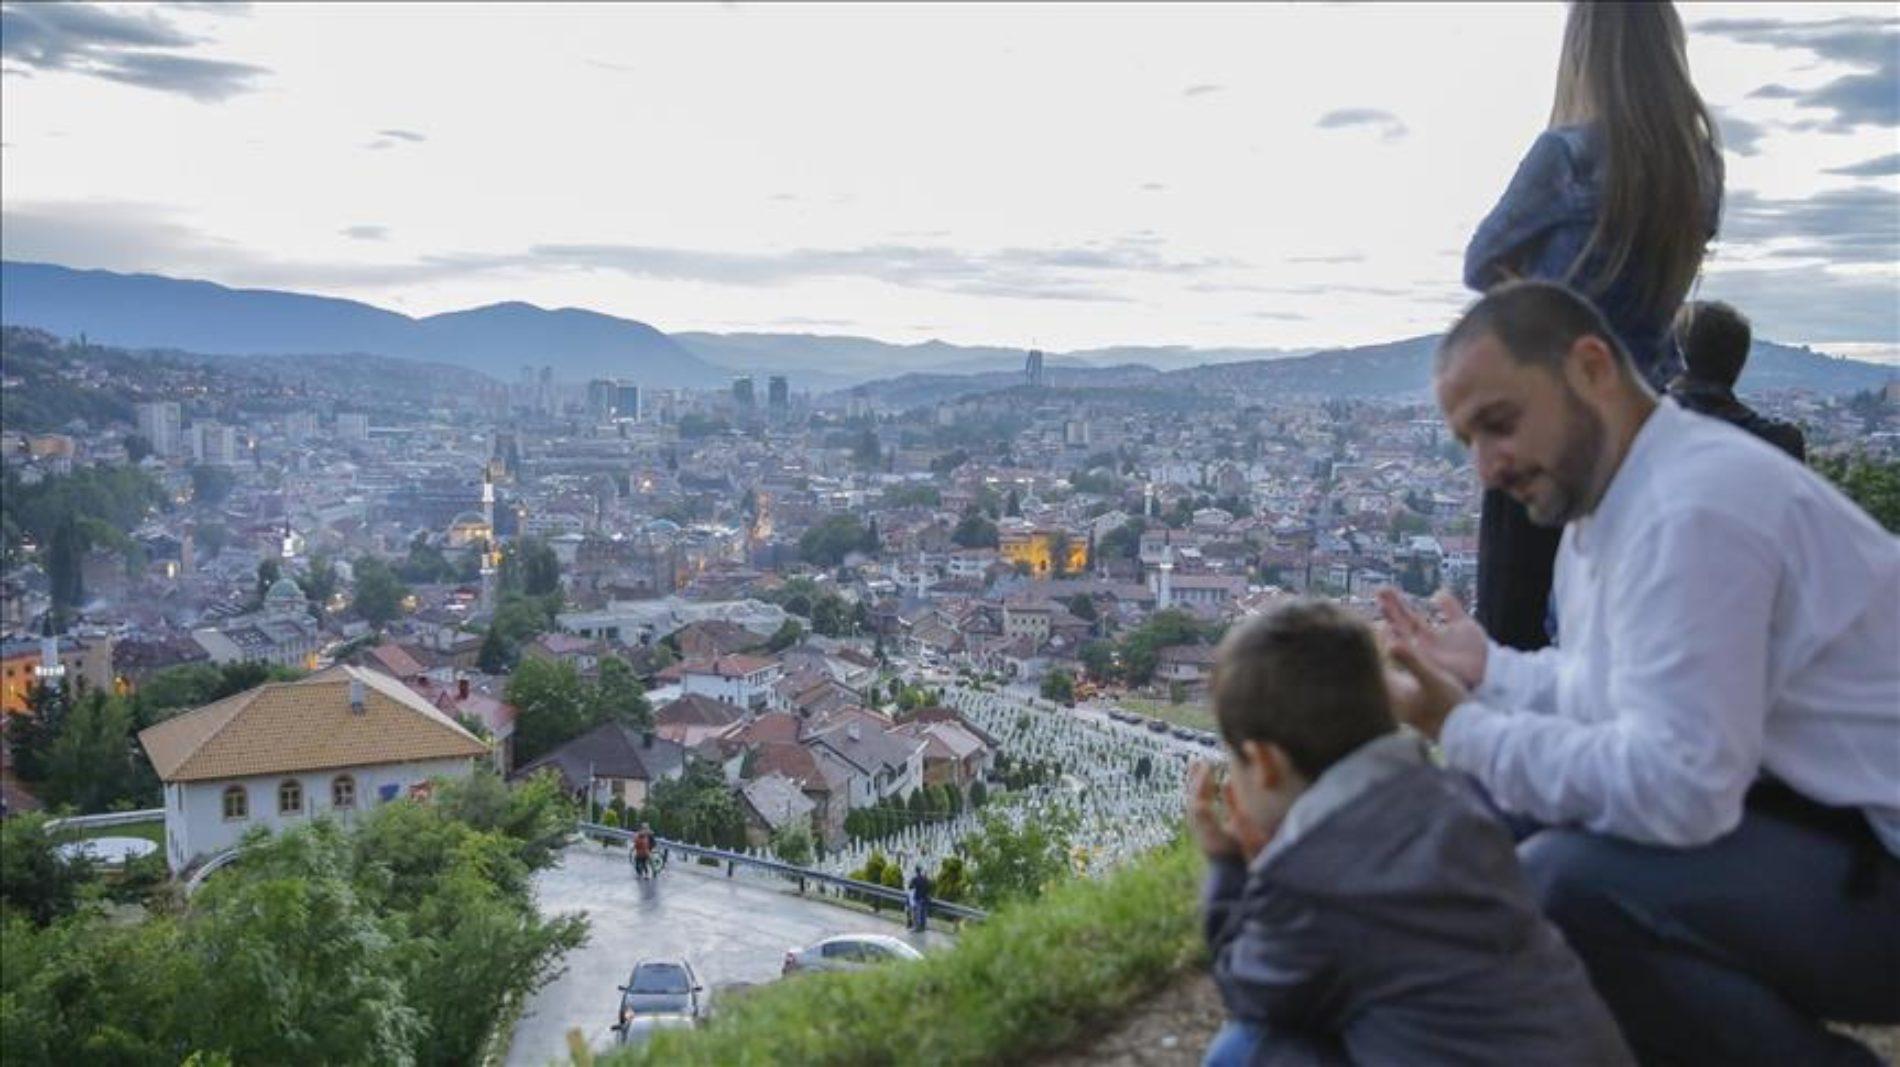 Ramazan oživi Sarajevo i ispuni ga posebnom duhovnošću (Foto)